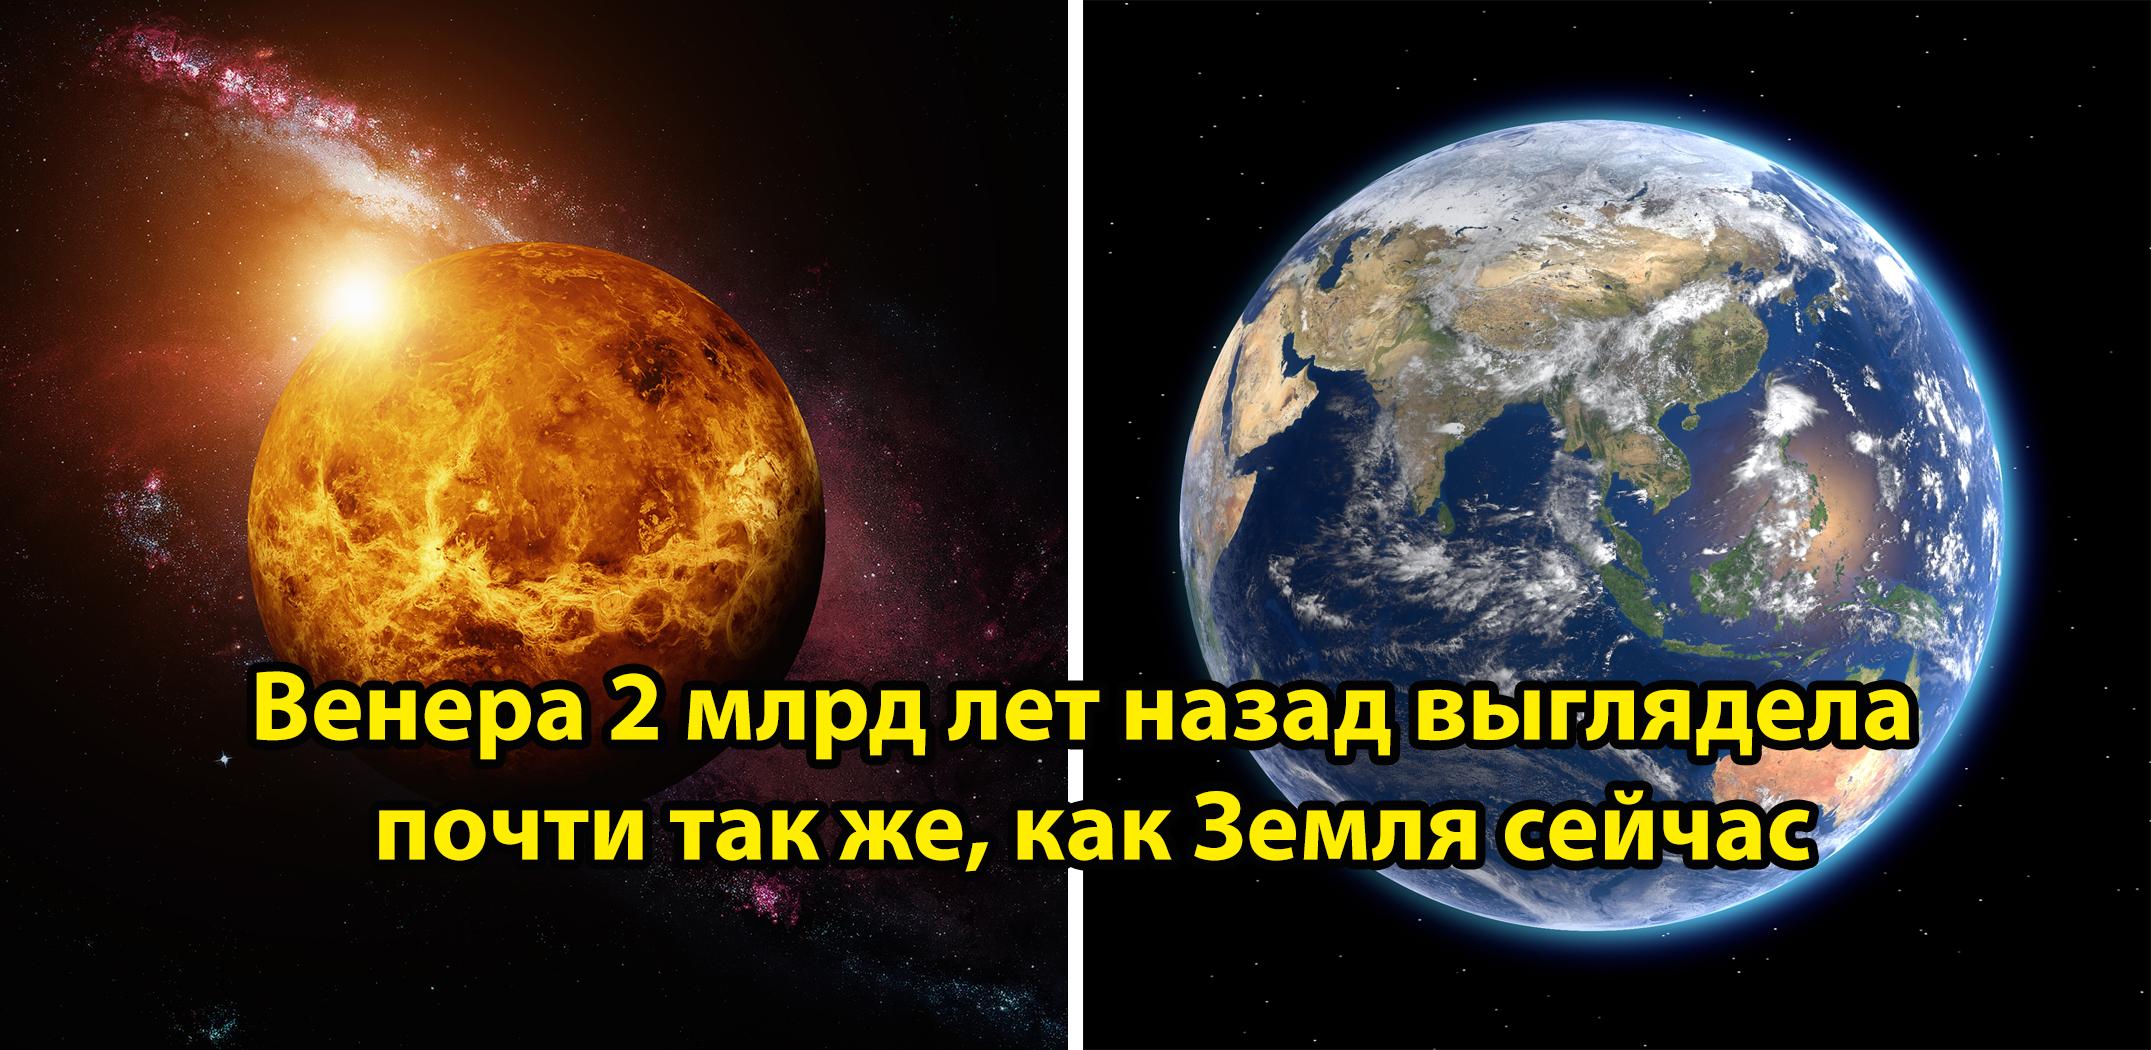 1612529903_5888555.jpg